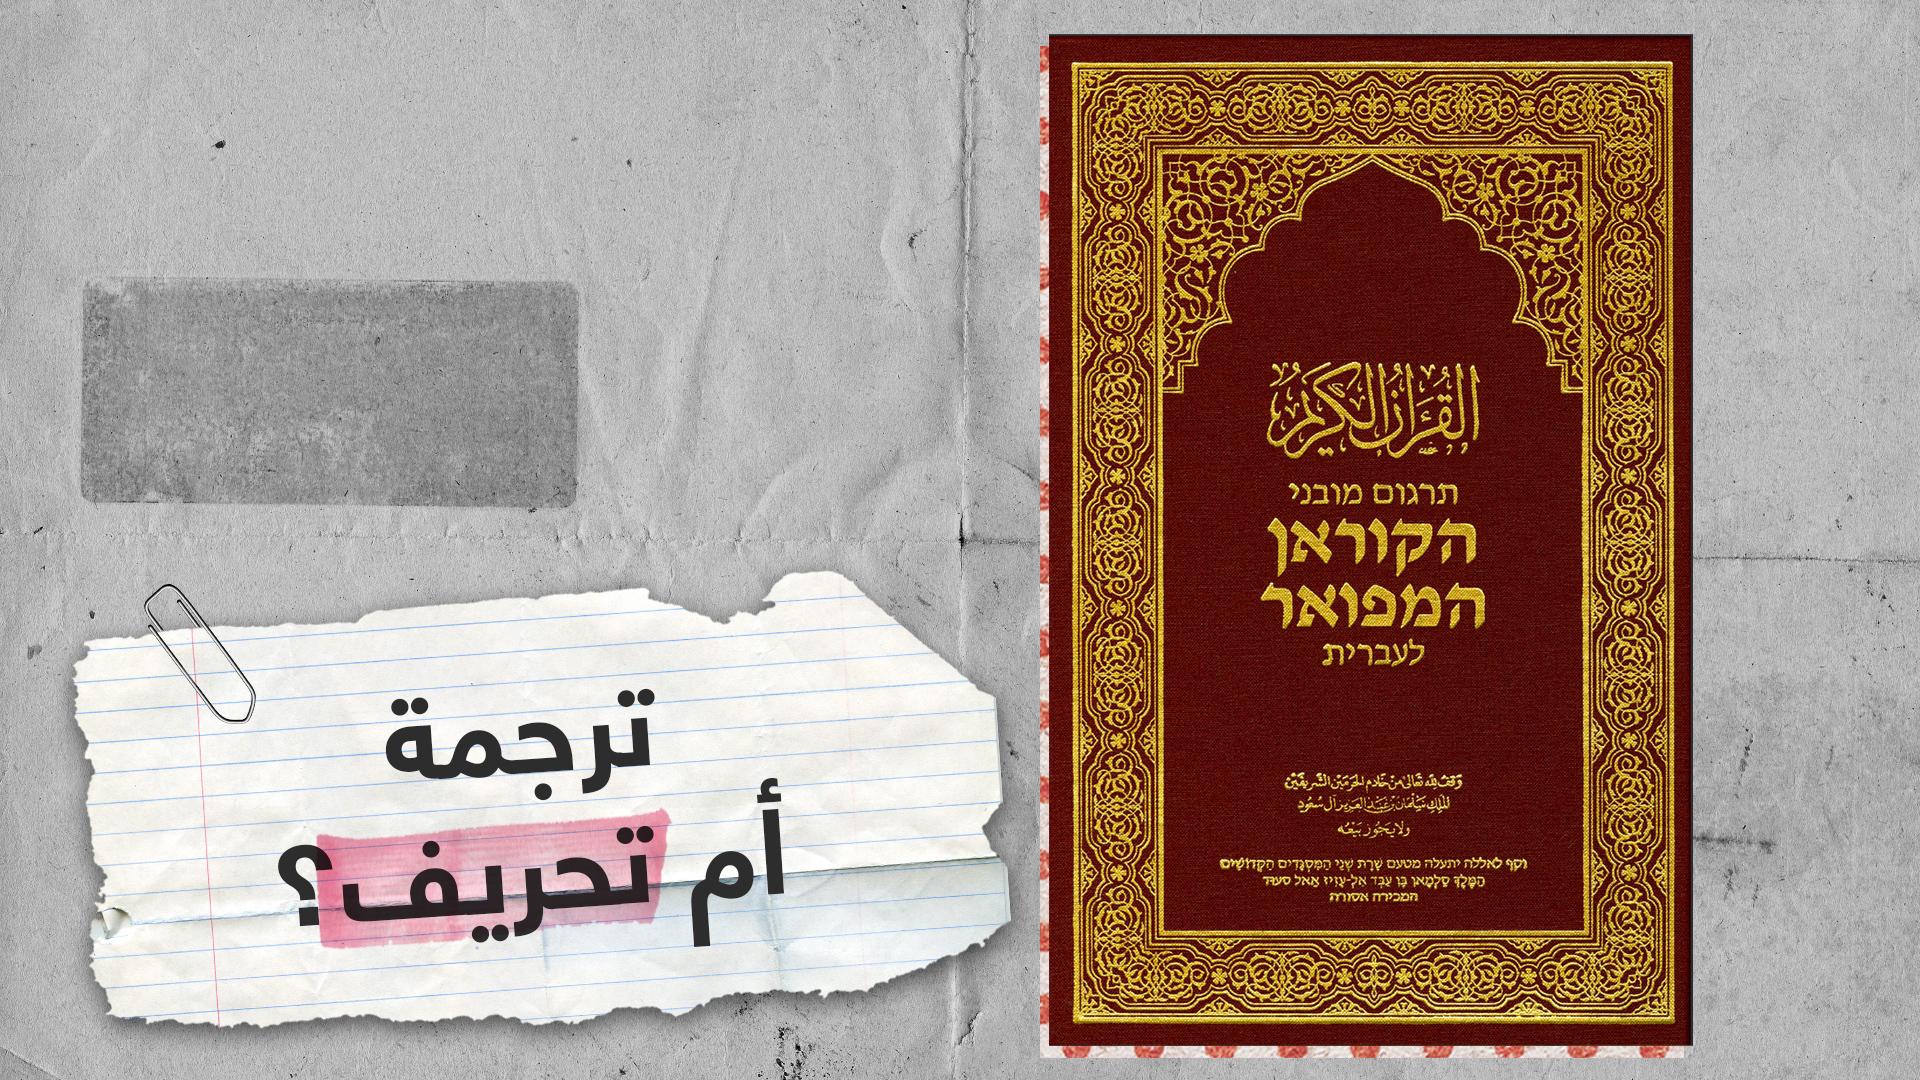 أخطاء في ترجمة عبرية للقرآن.. ما علاقة السعودية؟